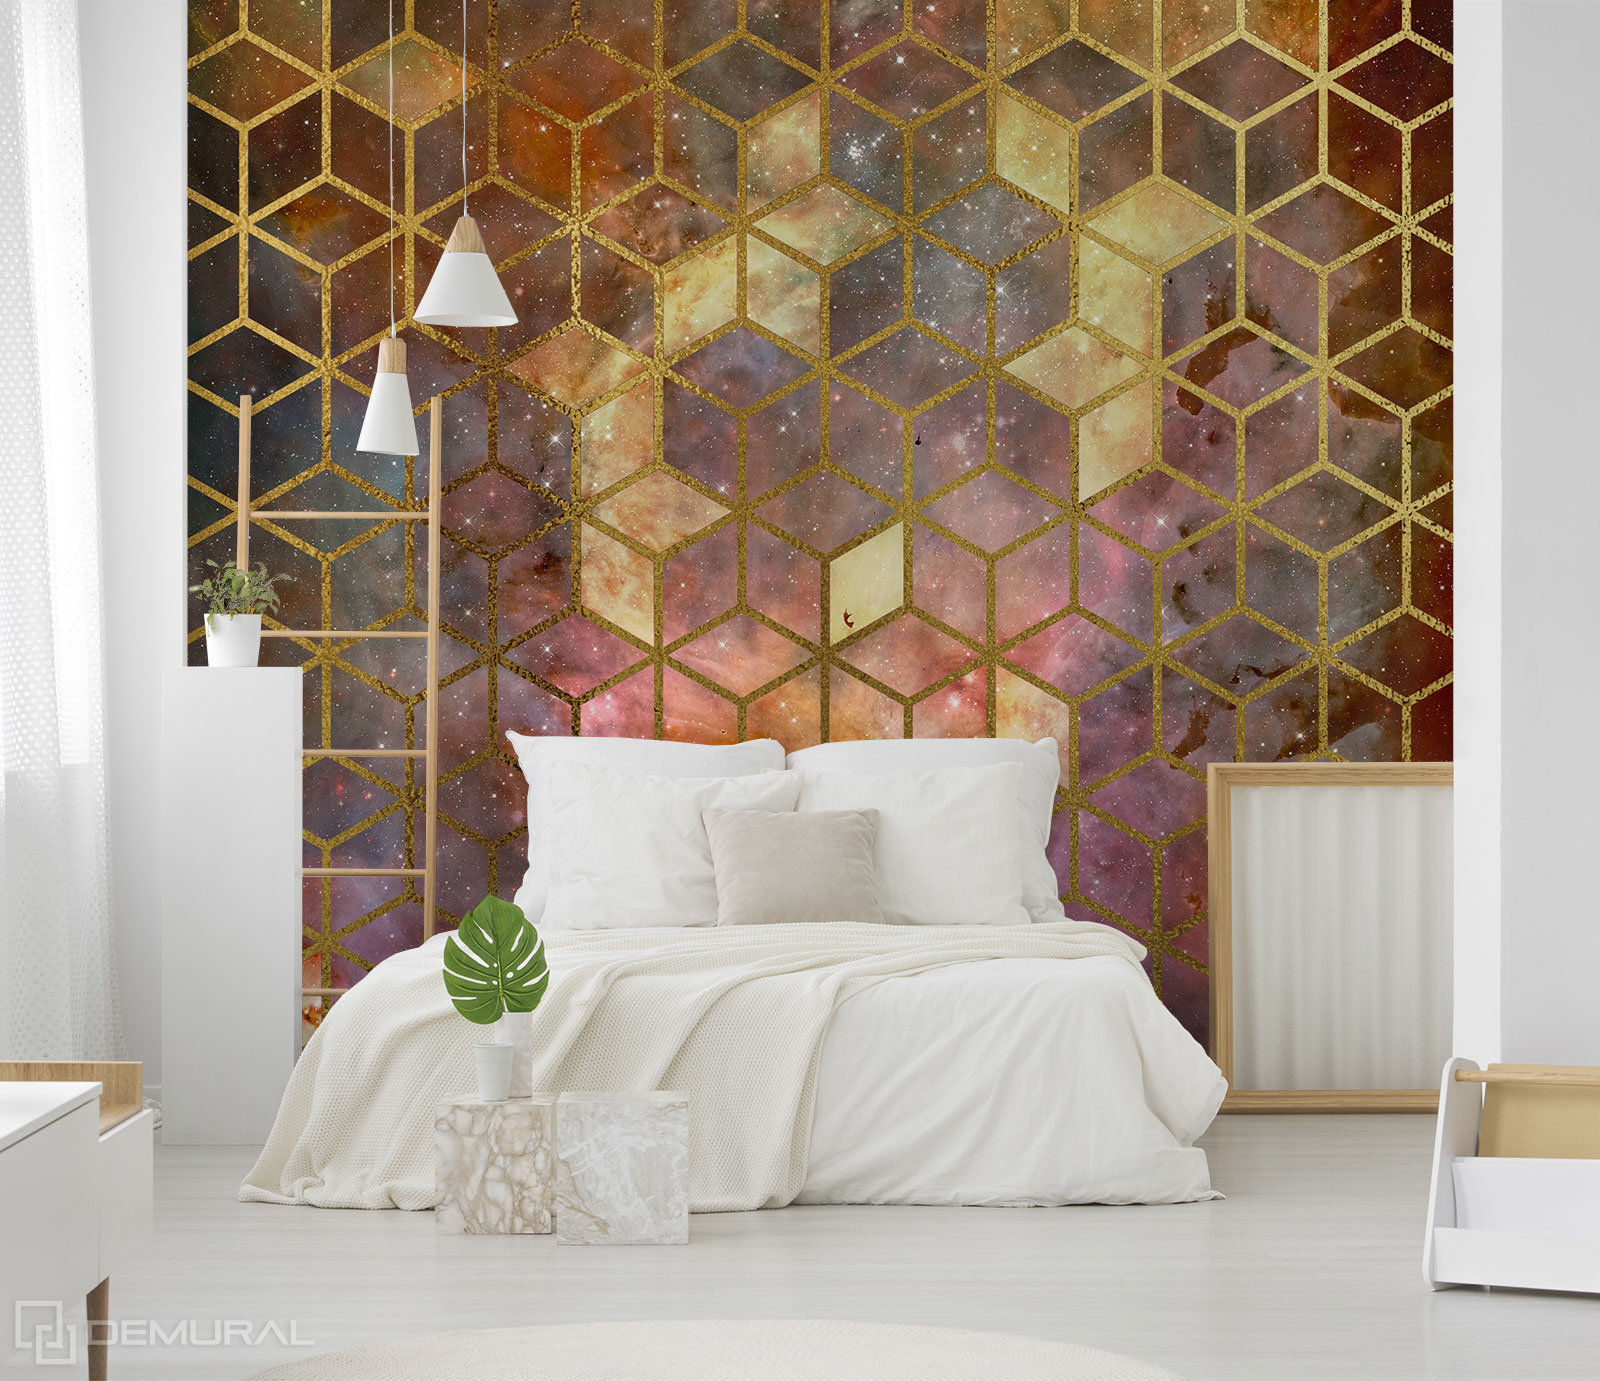 Papier peint cosmos cubique - Papier peint géométrique - Demural